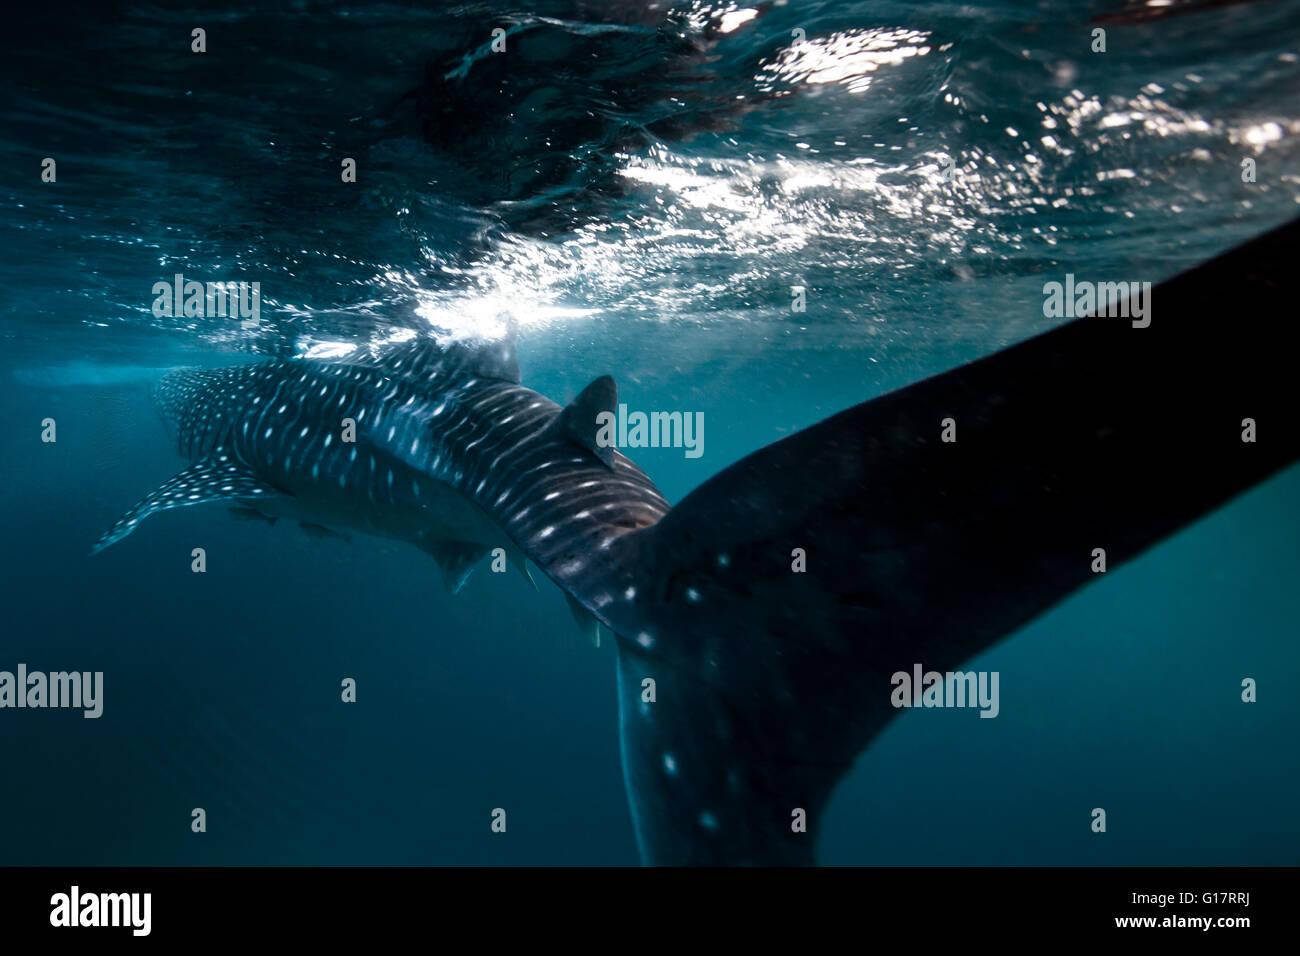 Squalo balena (Rhincodon typus) nuoto in acque profonde off Malapascua Island, Cebu, Filippine Immagini Stock